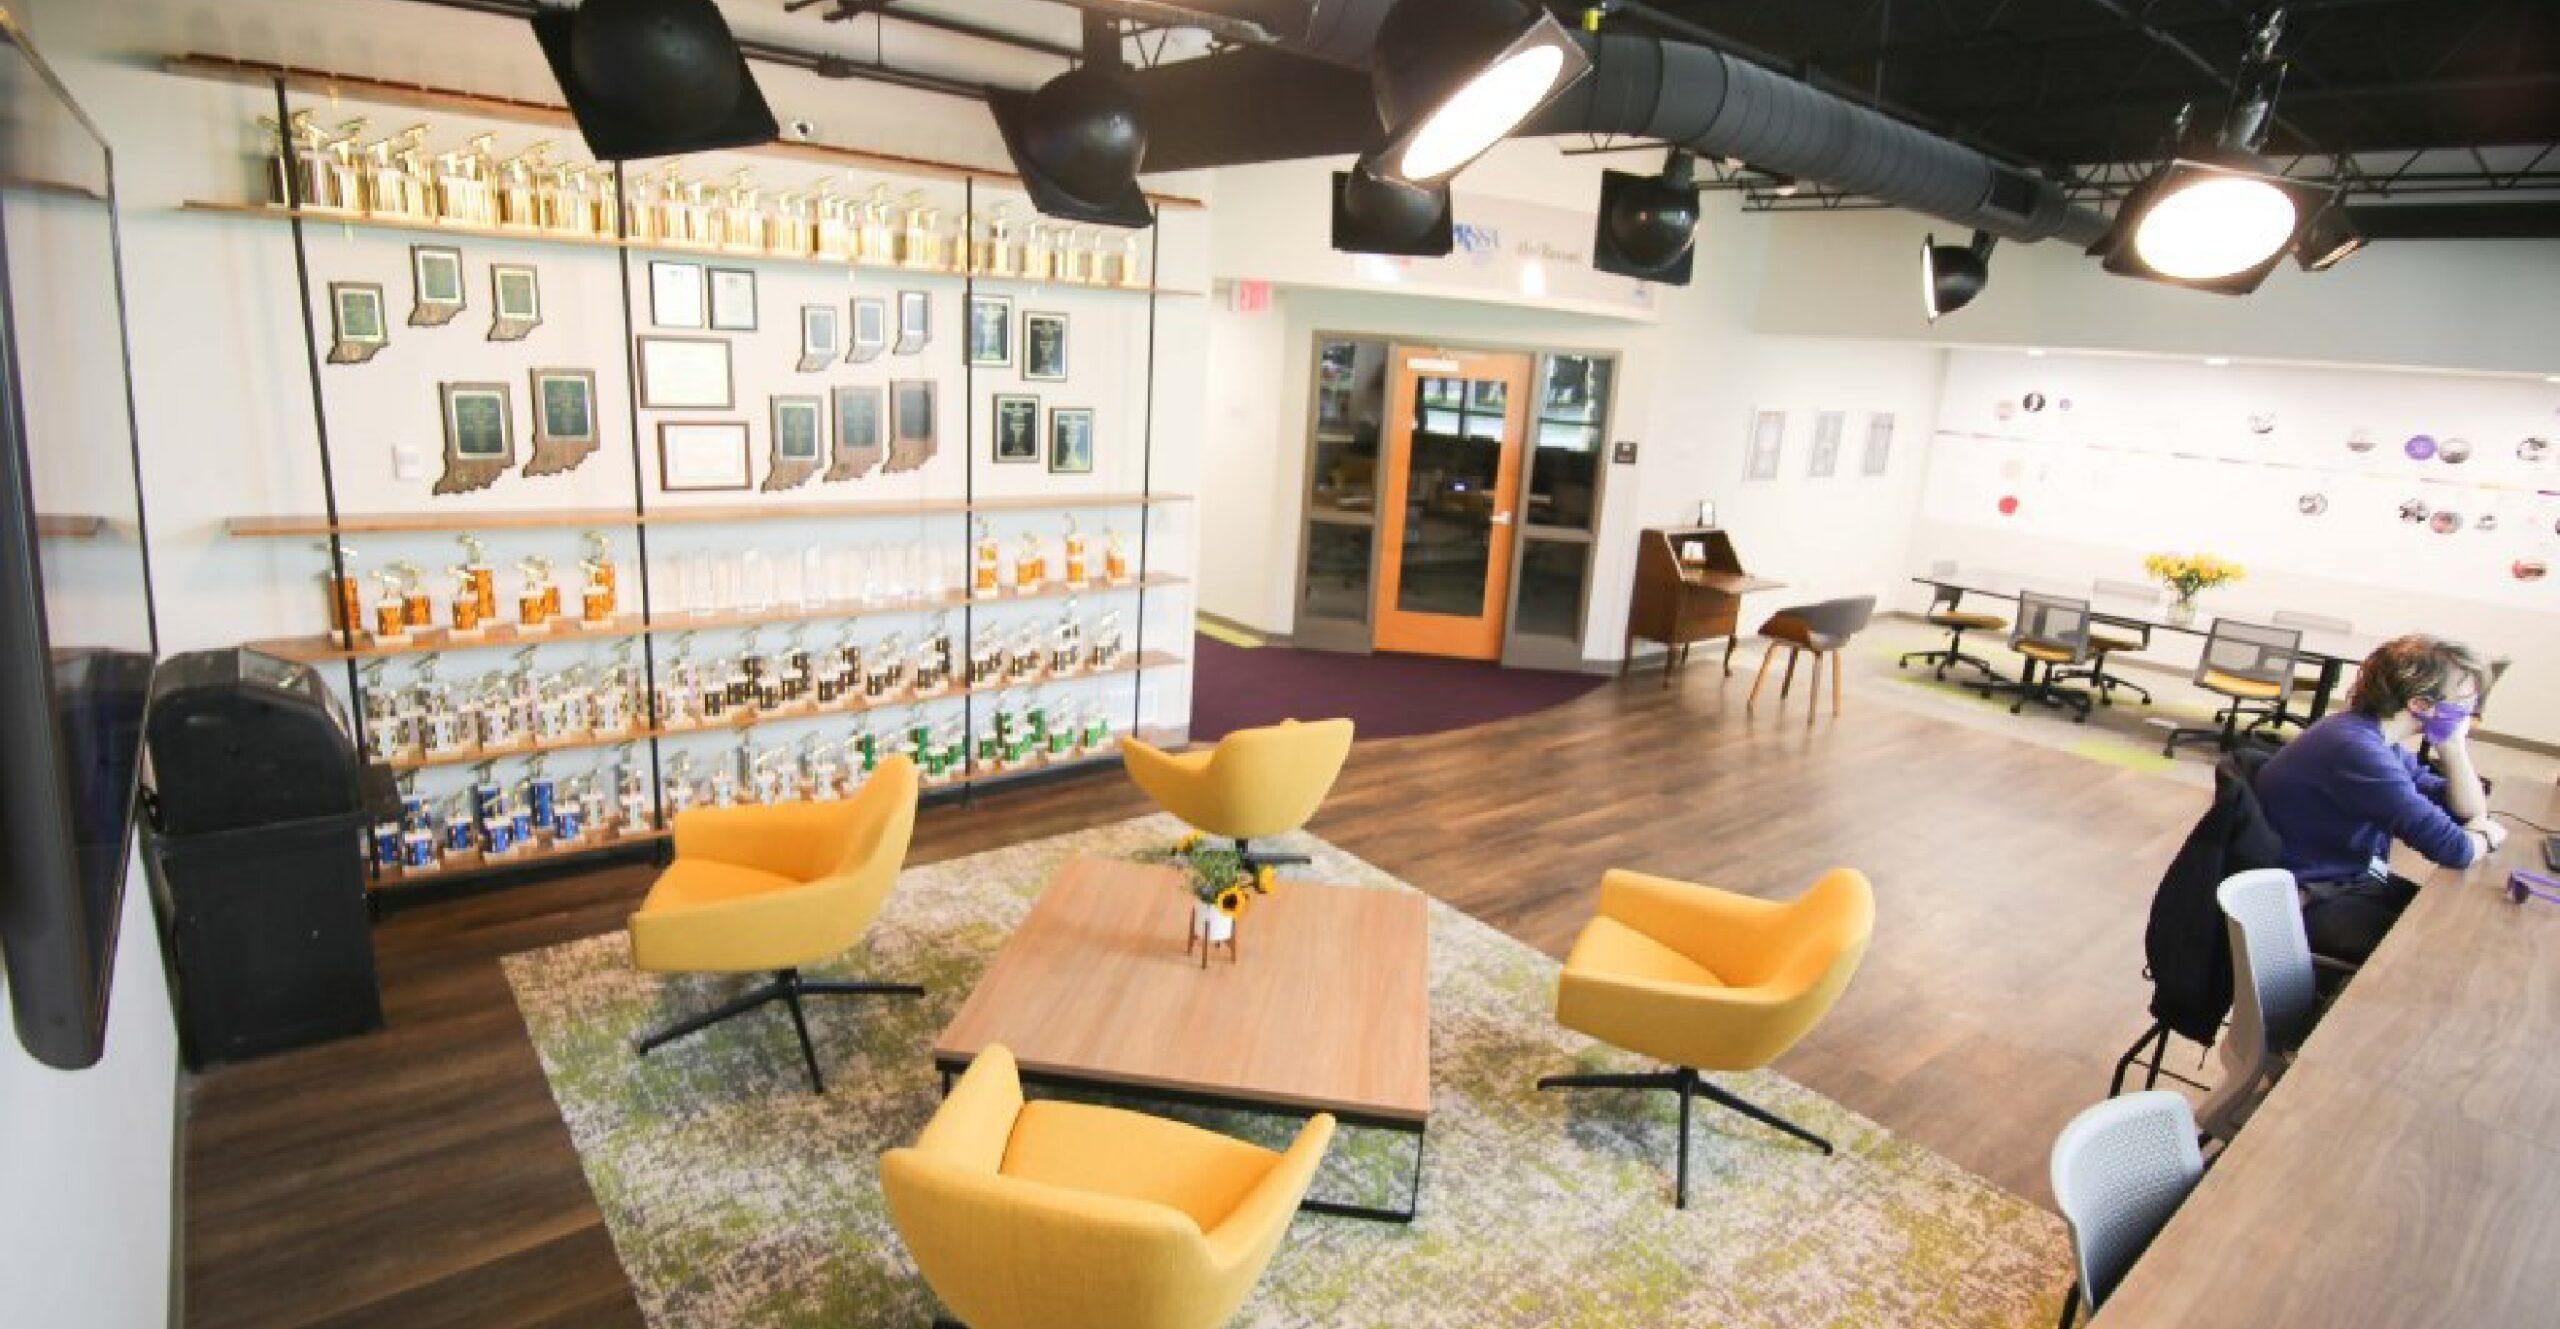 Inside Communication Center